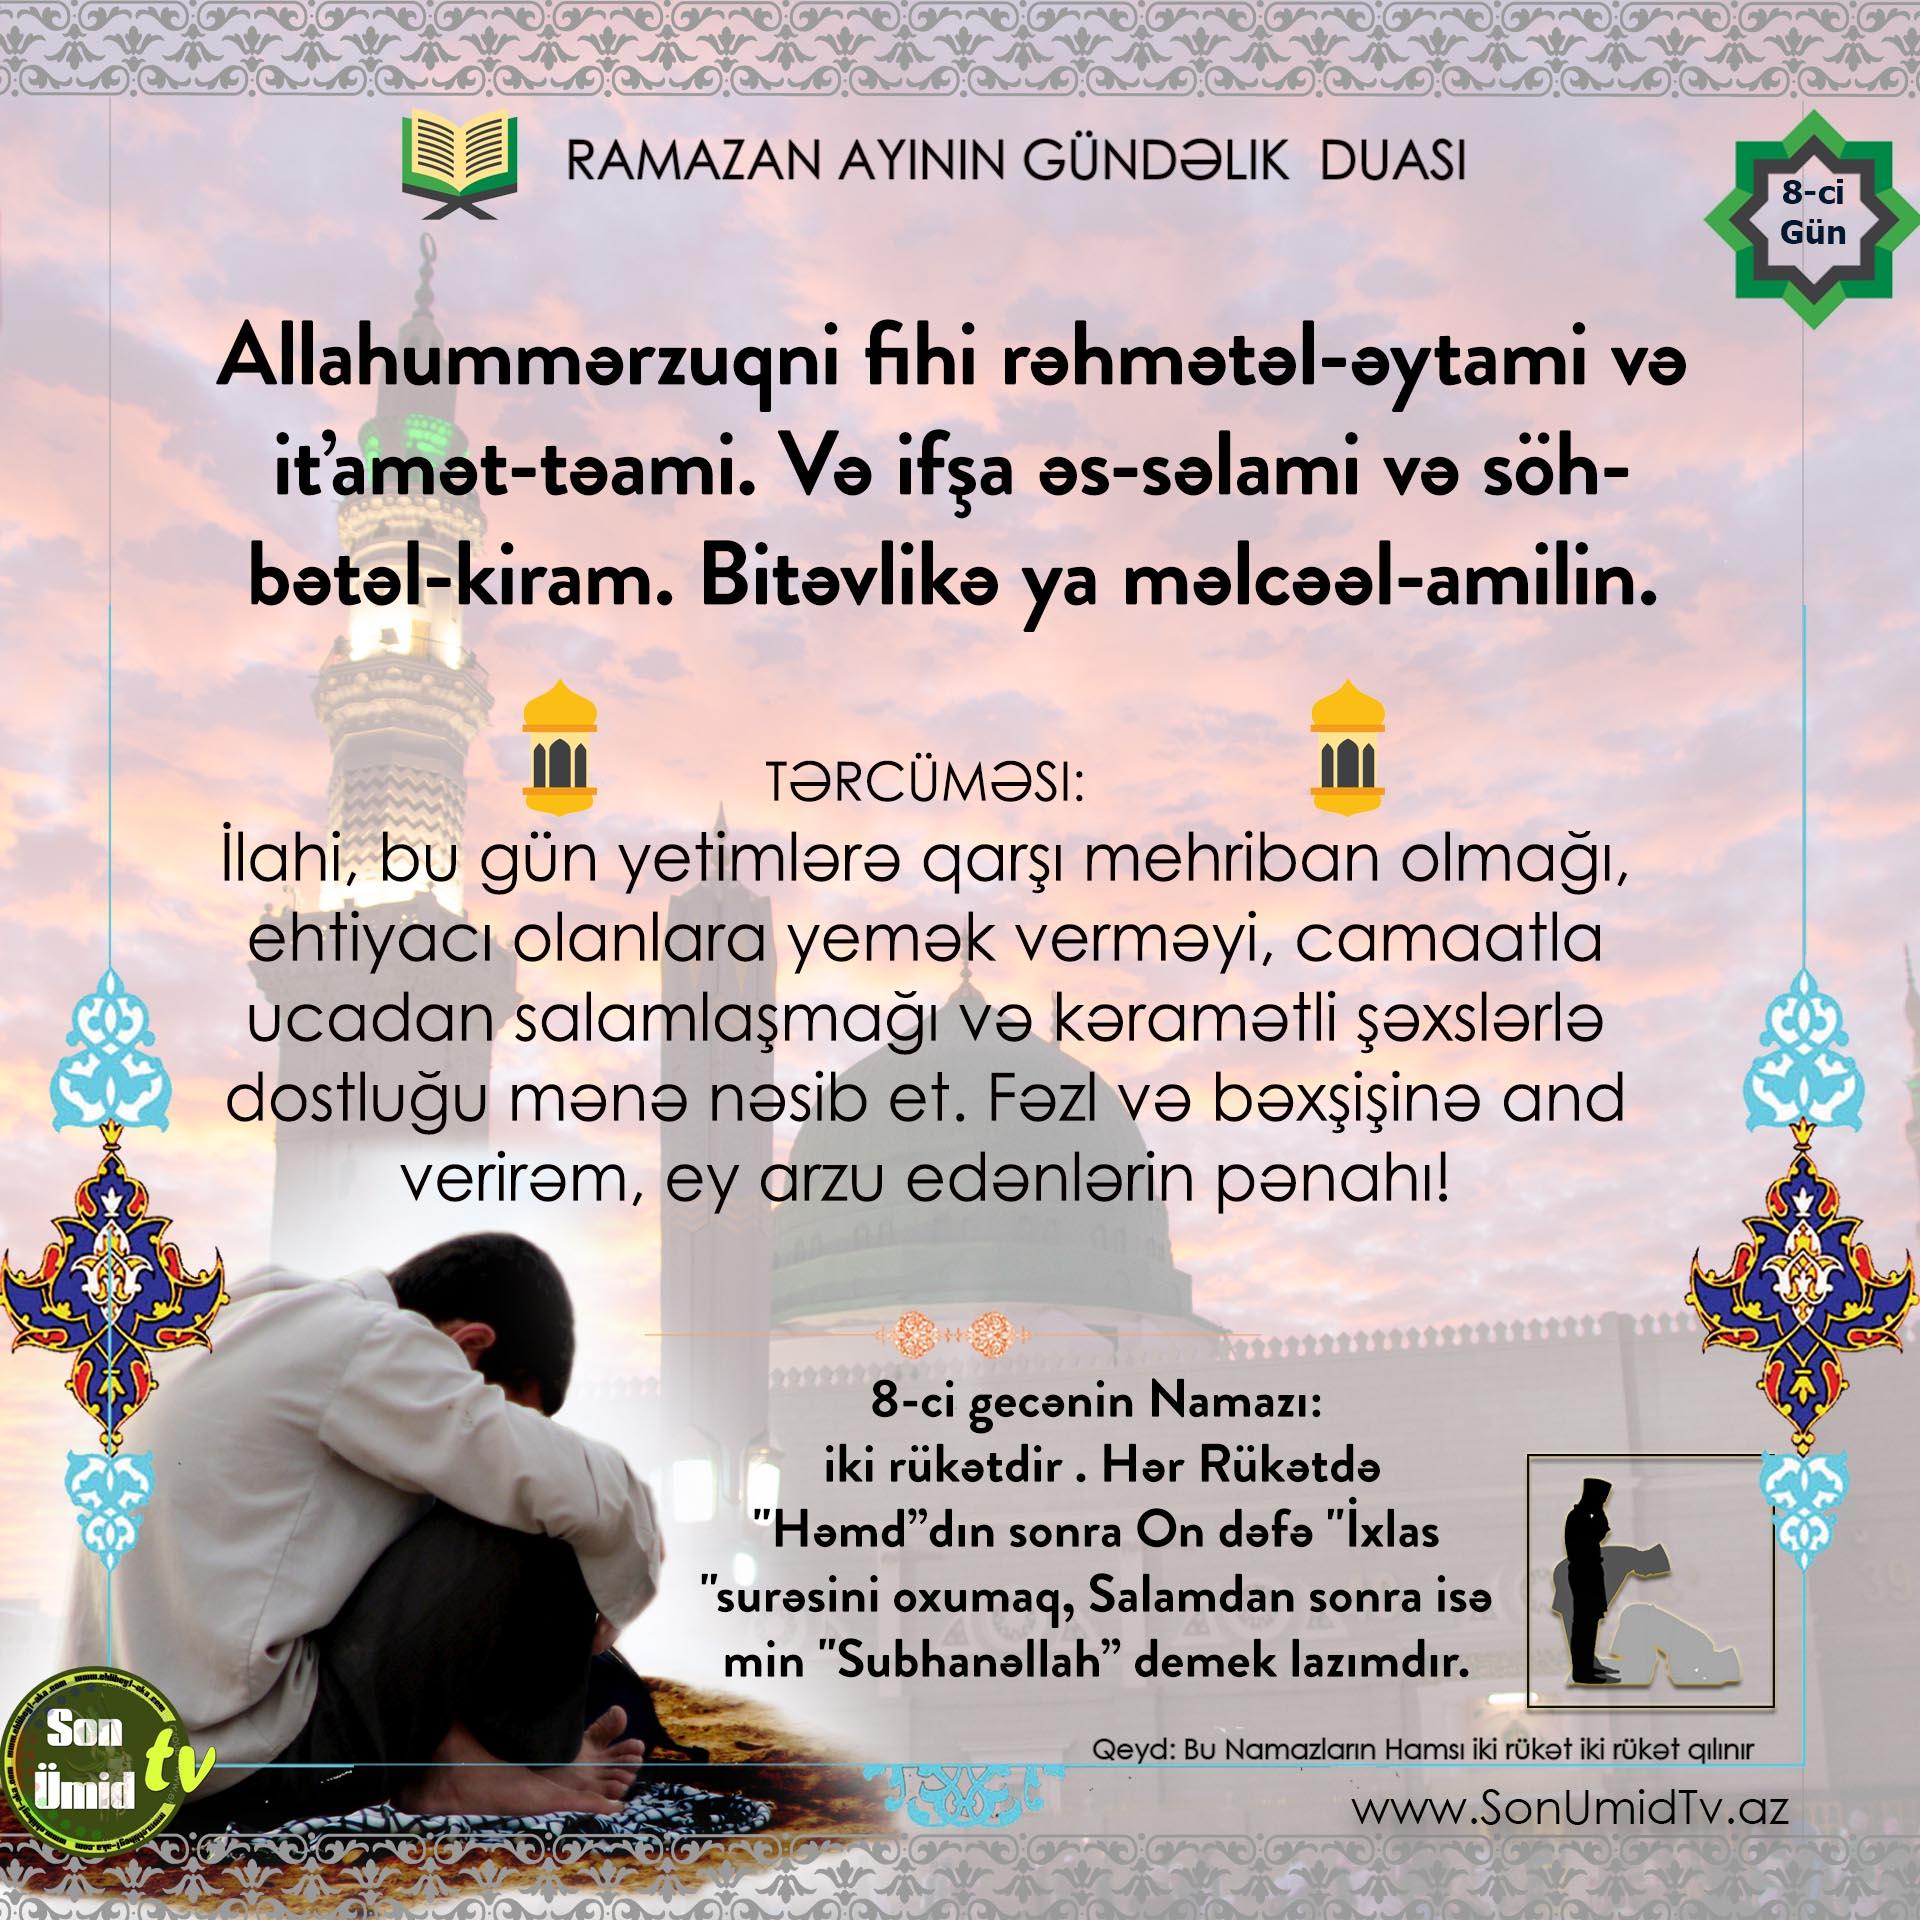 Ramazan  8-ci gününün duası və Namazı